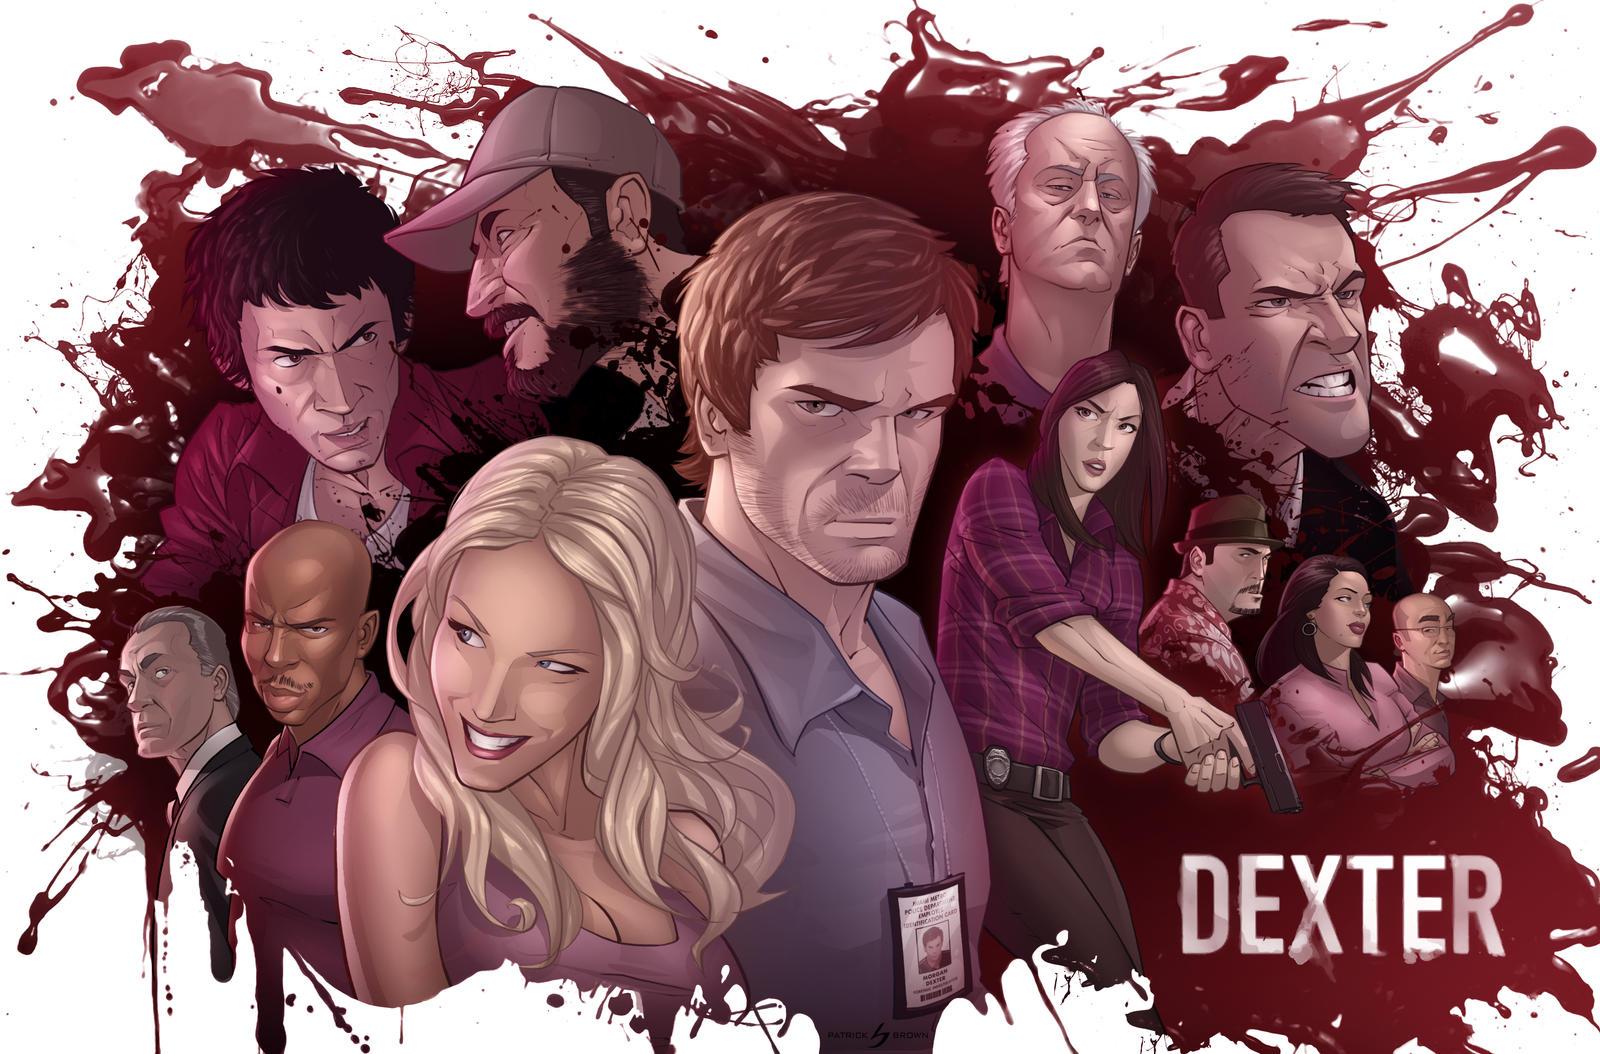 Dexter: The Dark Defender by PatrickBrown